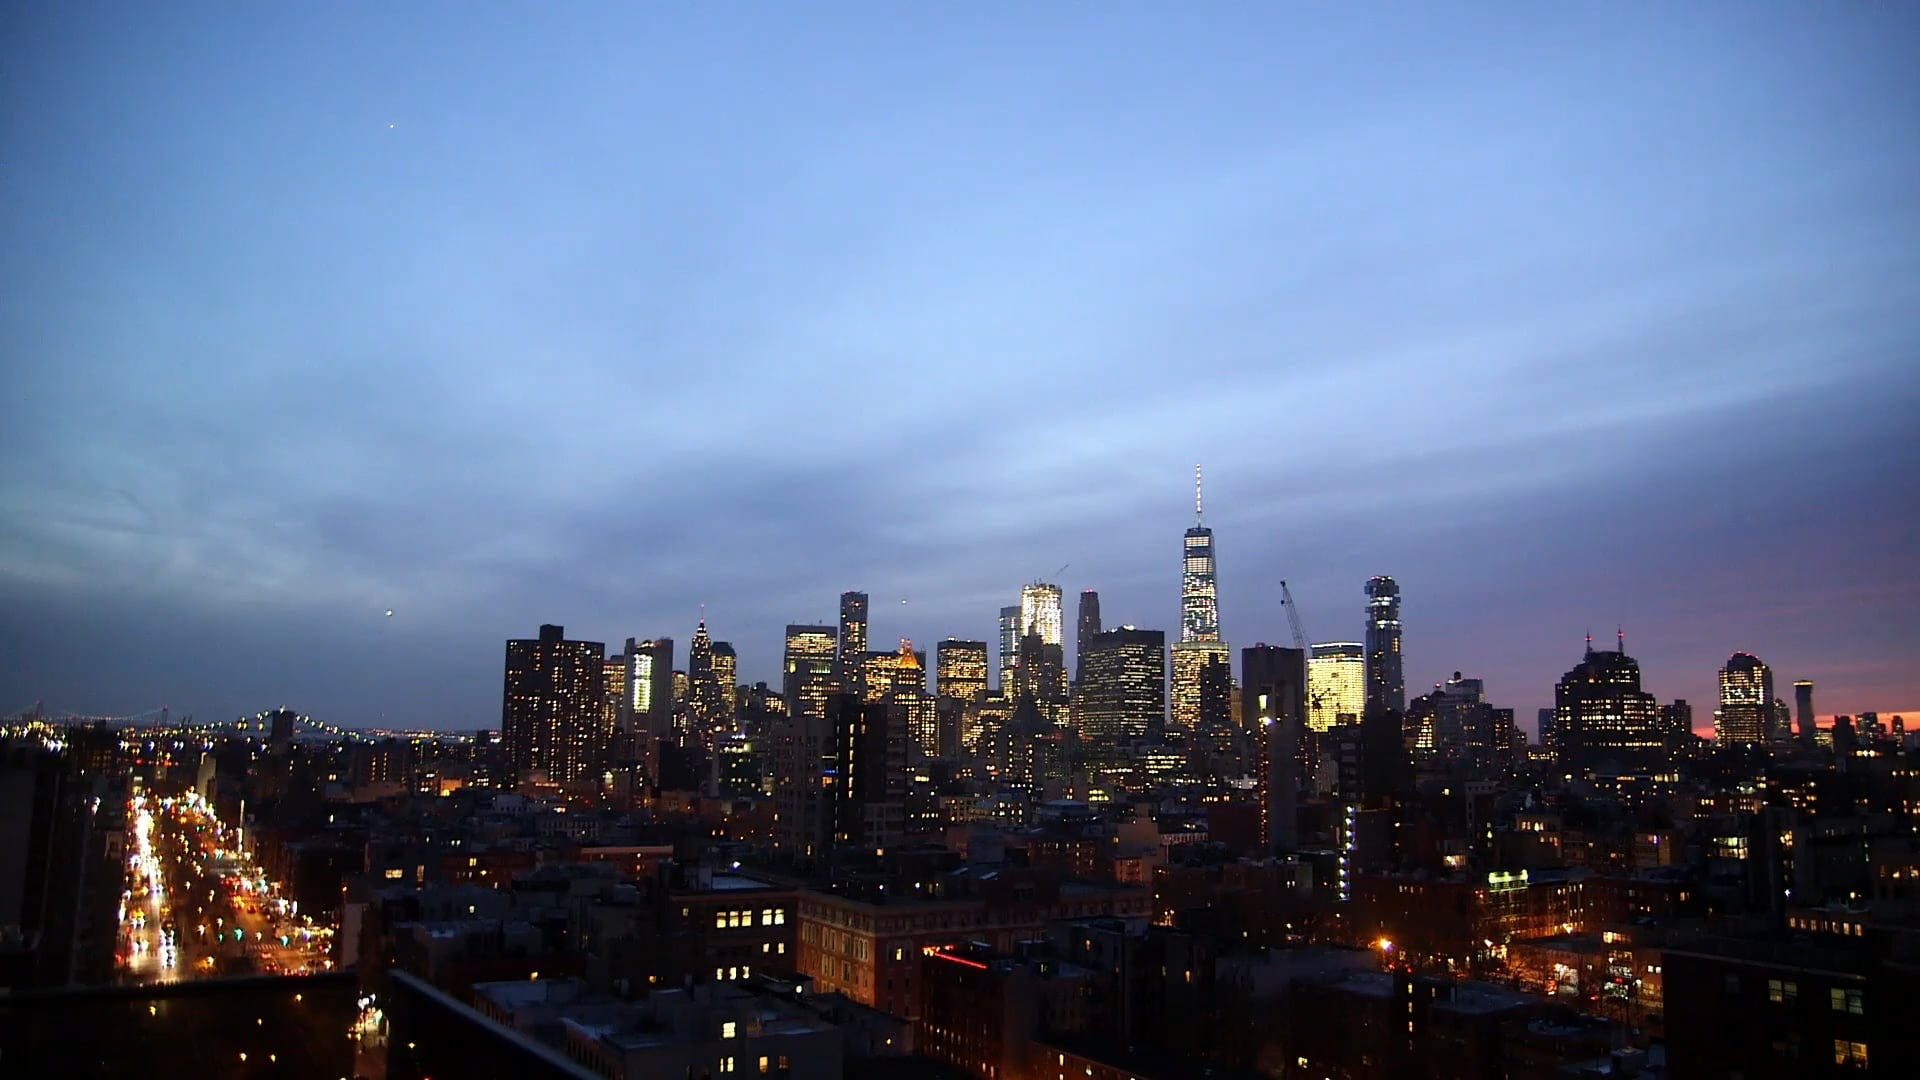 Silhouette Of Cityscape